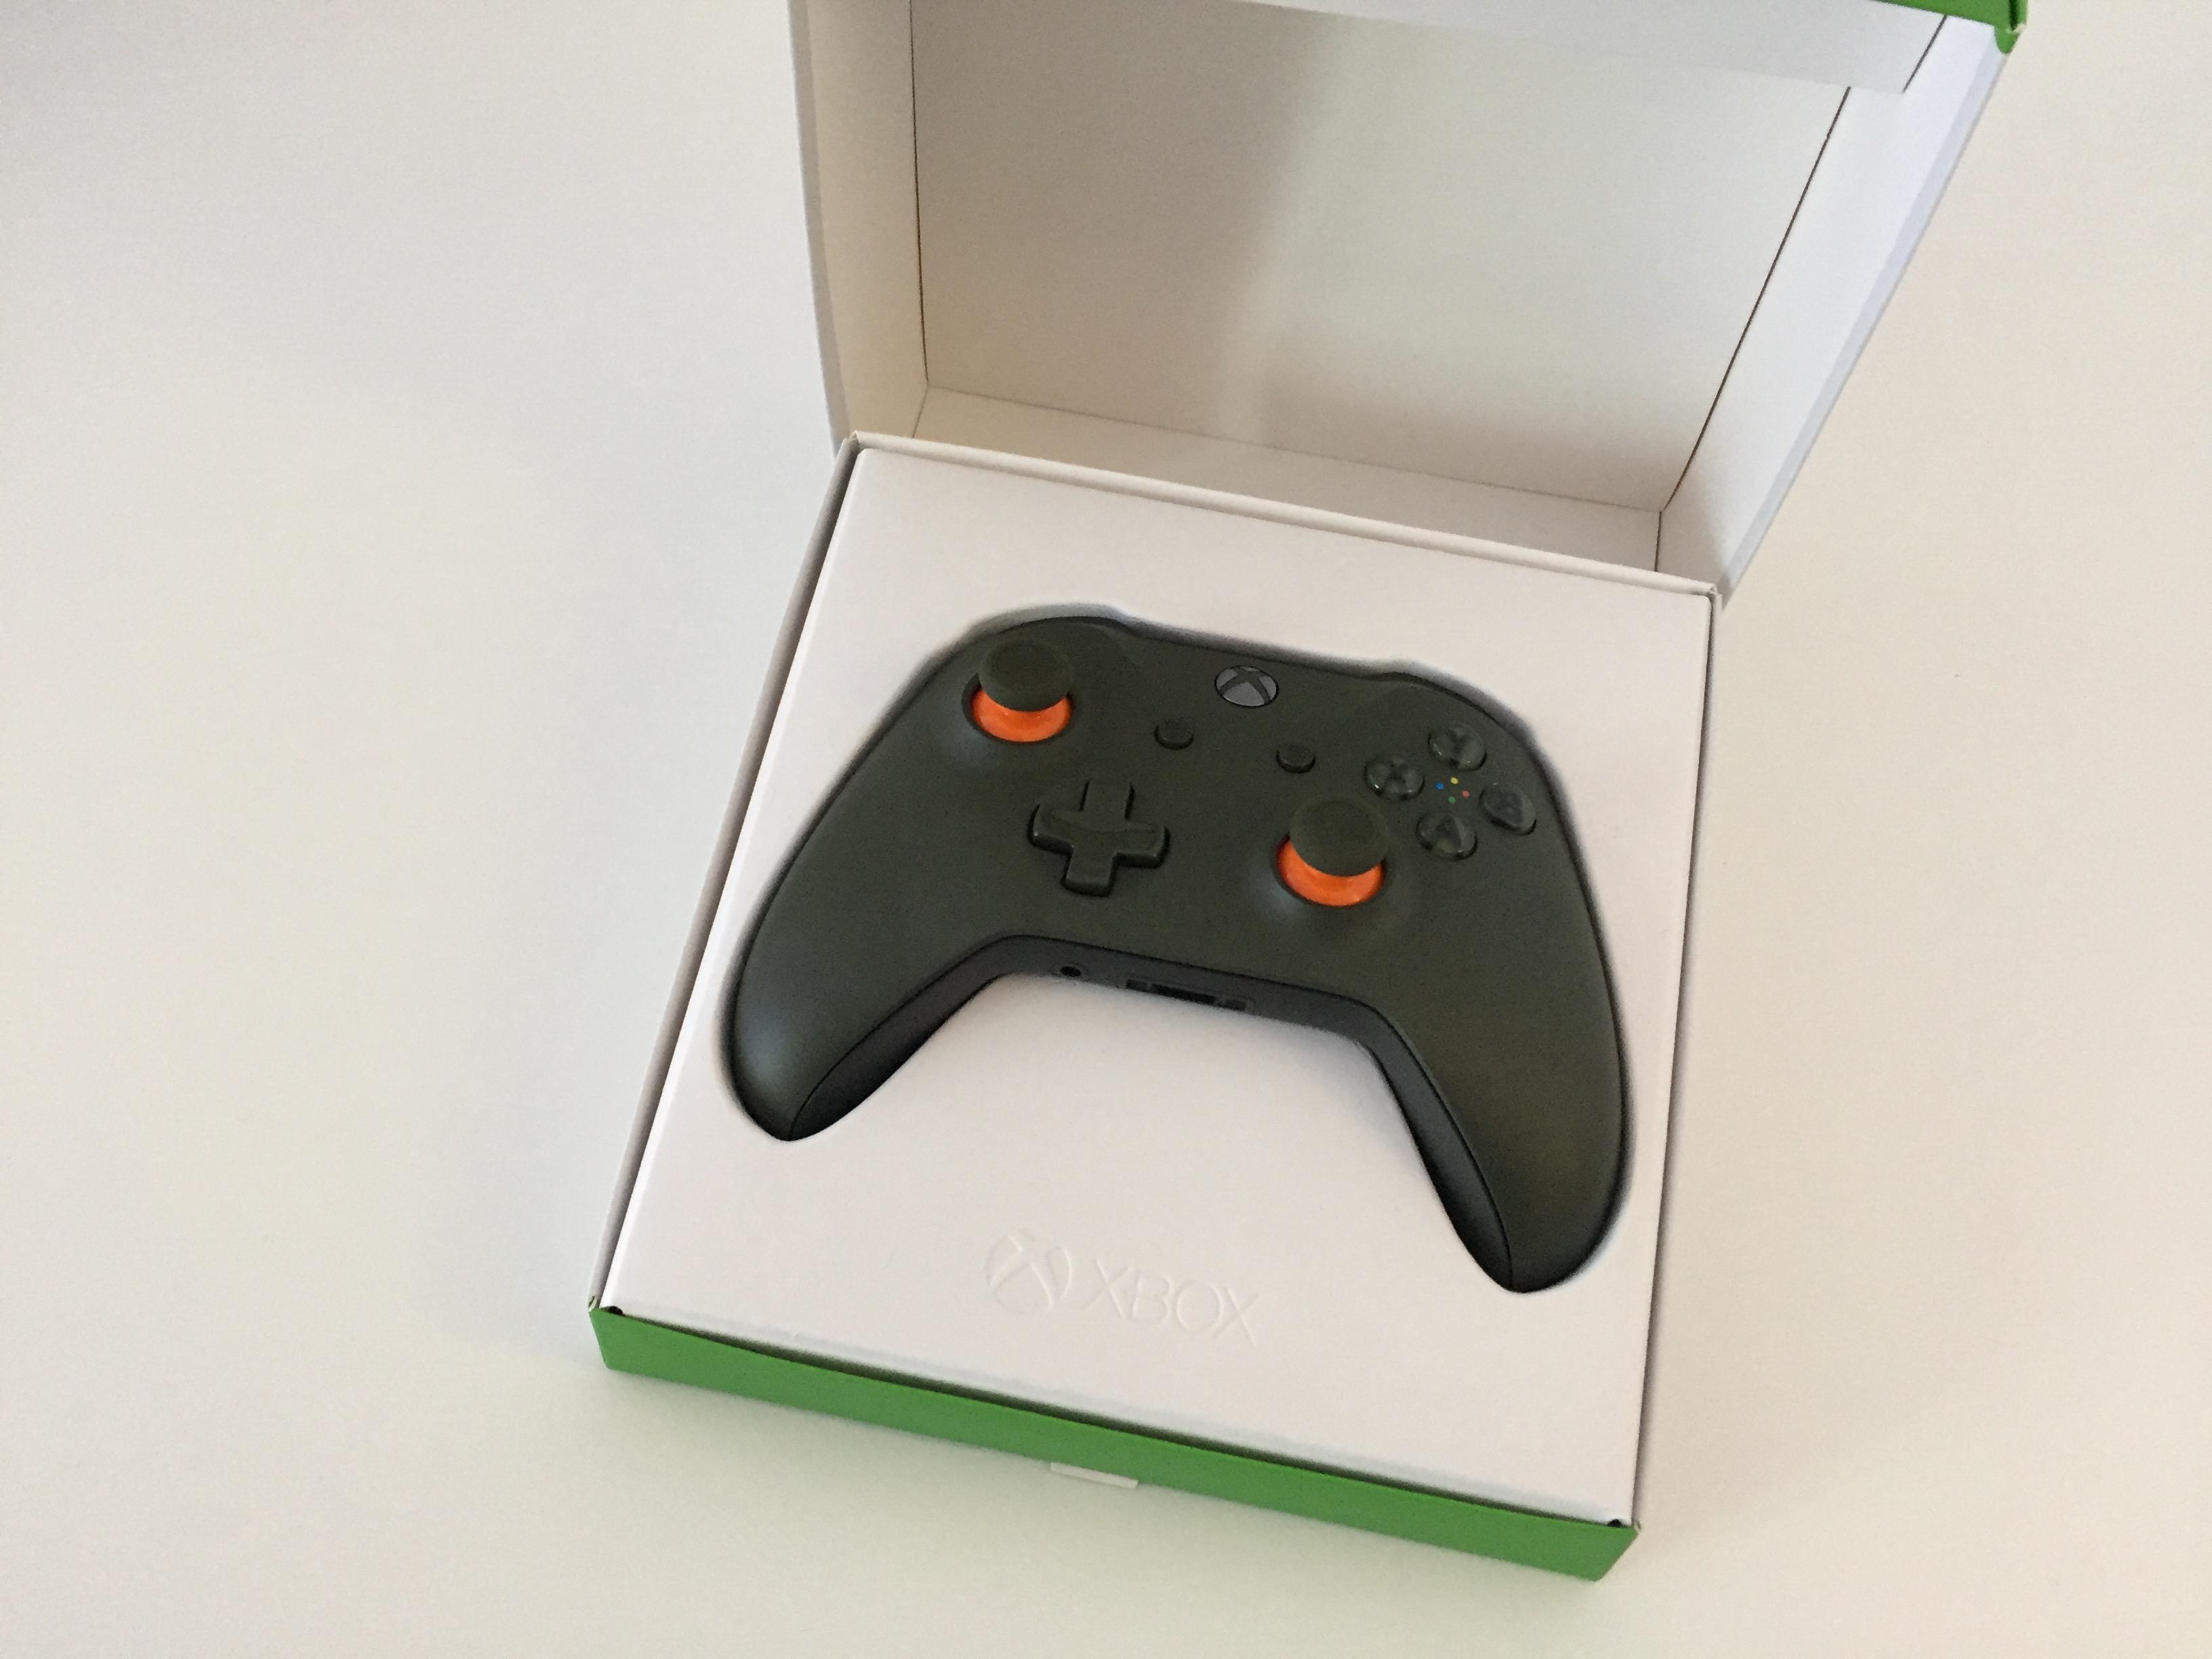 20170216 Manette Xbox One S vert Kaki 00002